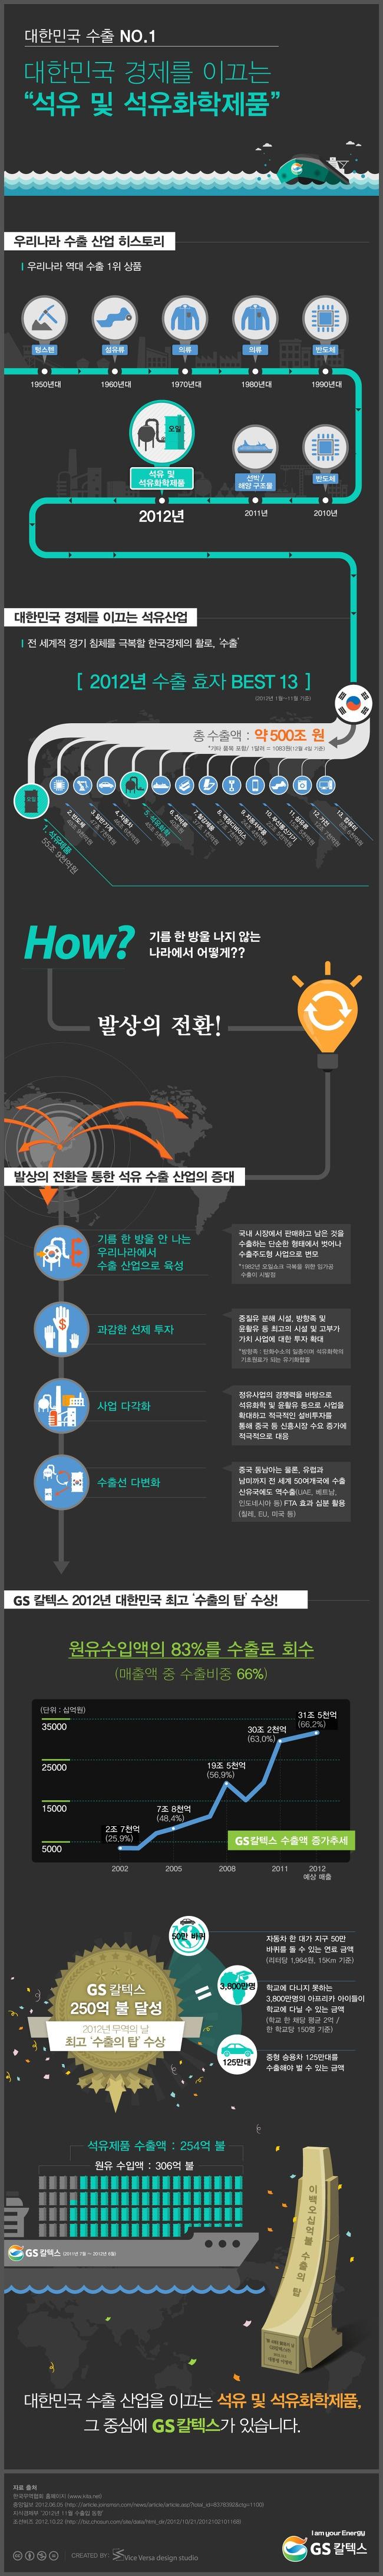 [Infographic] 대한민국 경제를 이끄는 '석유 및 석유화학제품'에 관한 인포그래픽